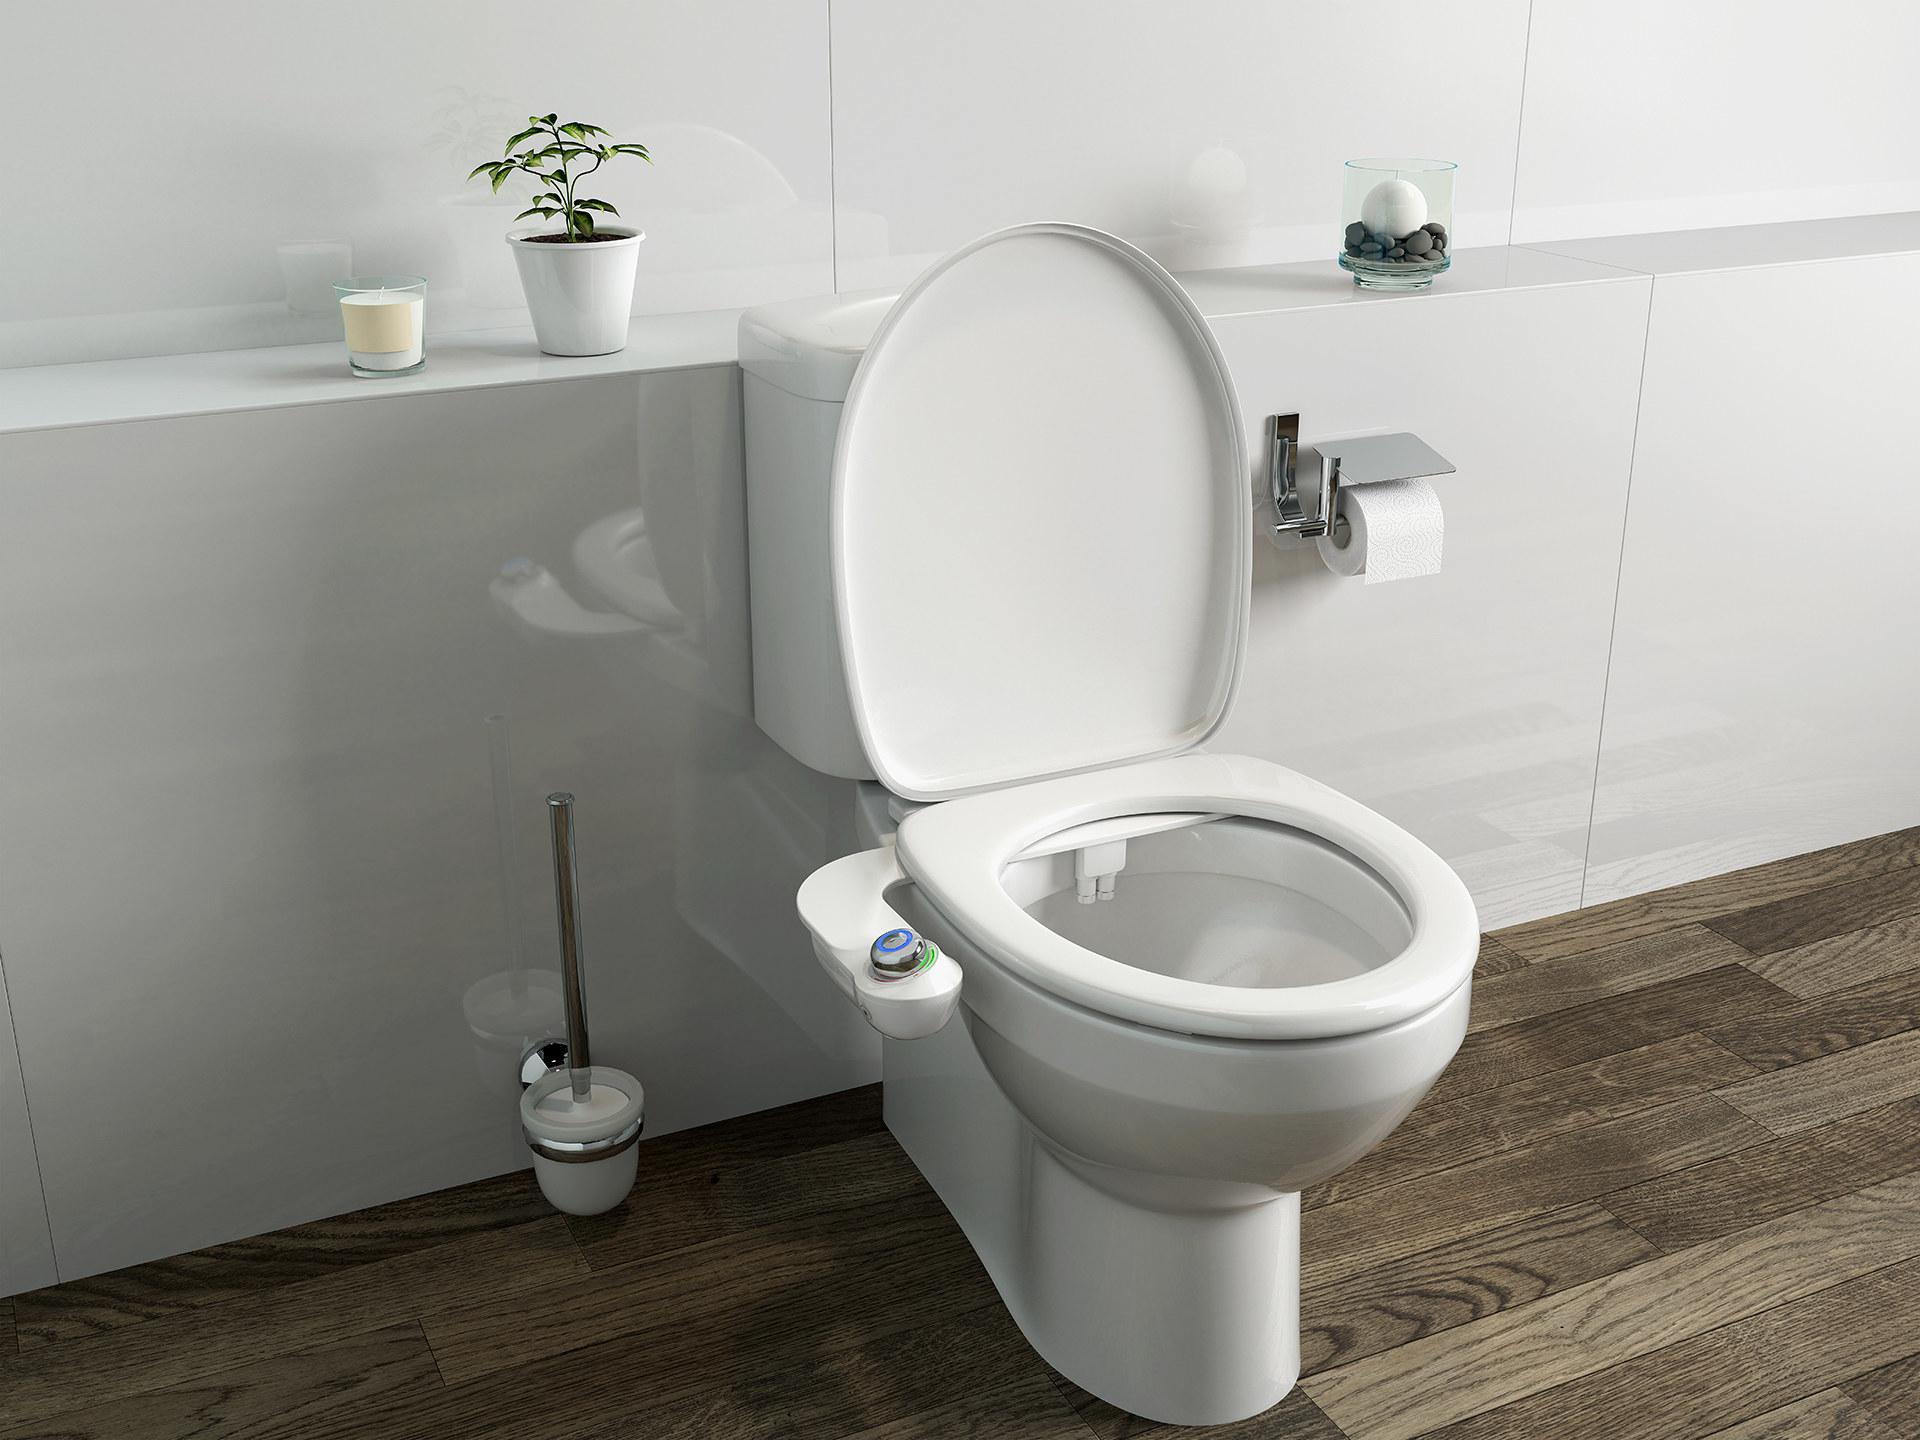 white porcelain toilet with a white bidet attachment